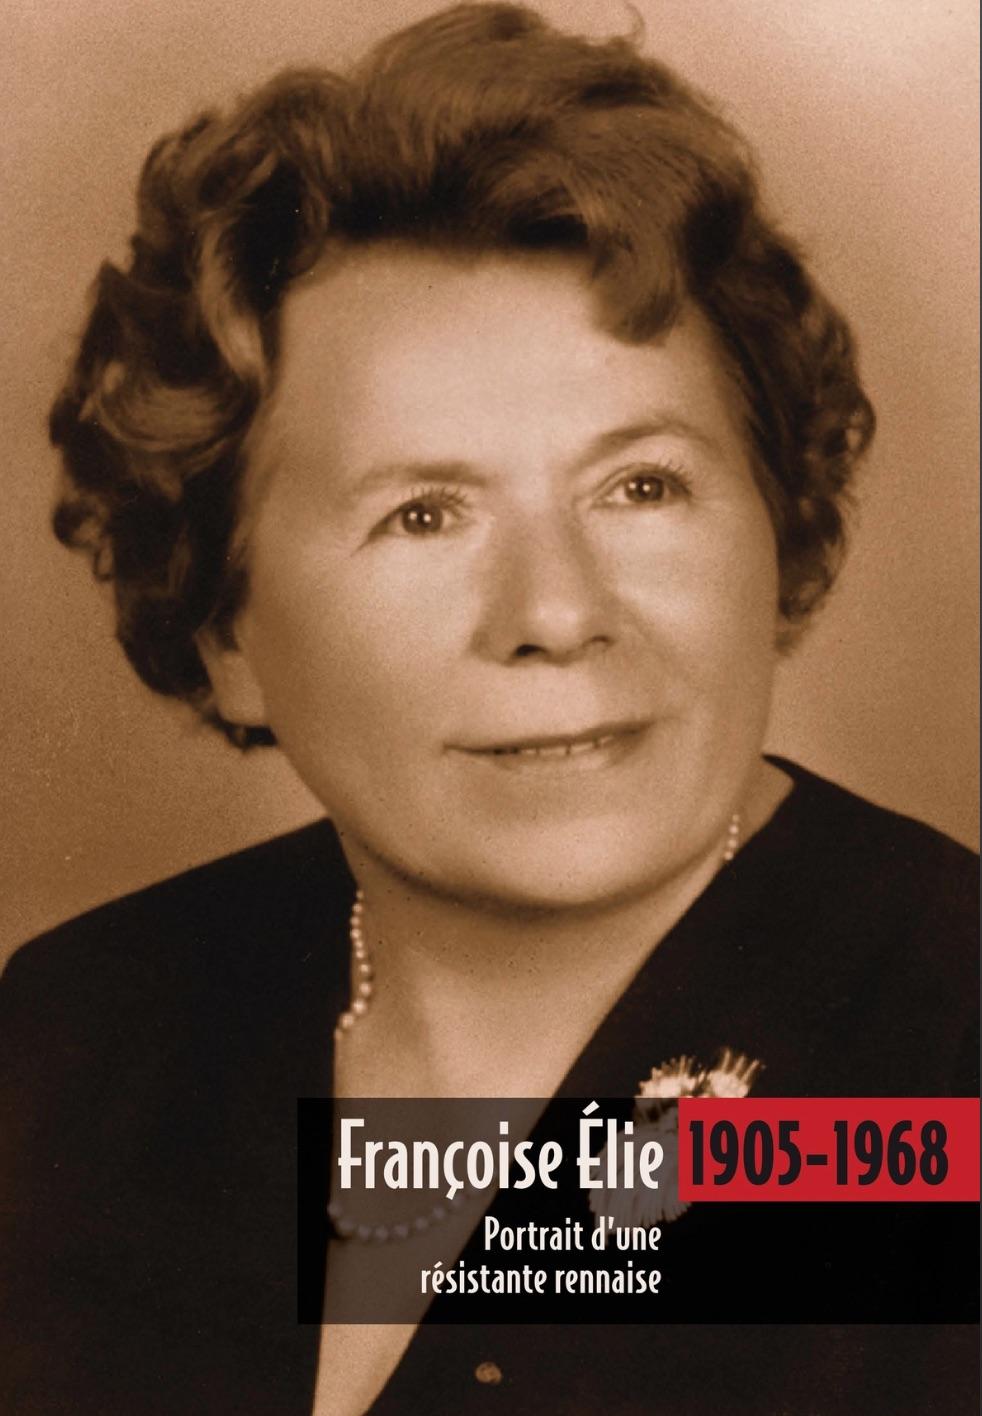 Françoise Elie